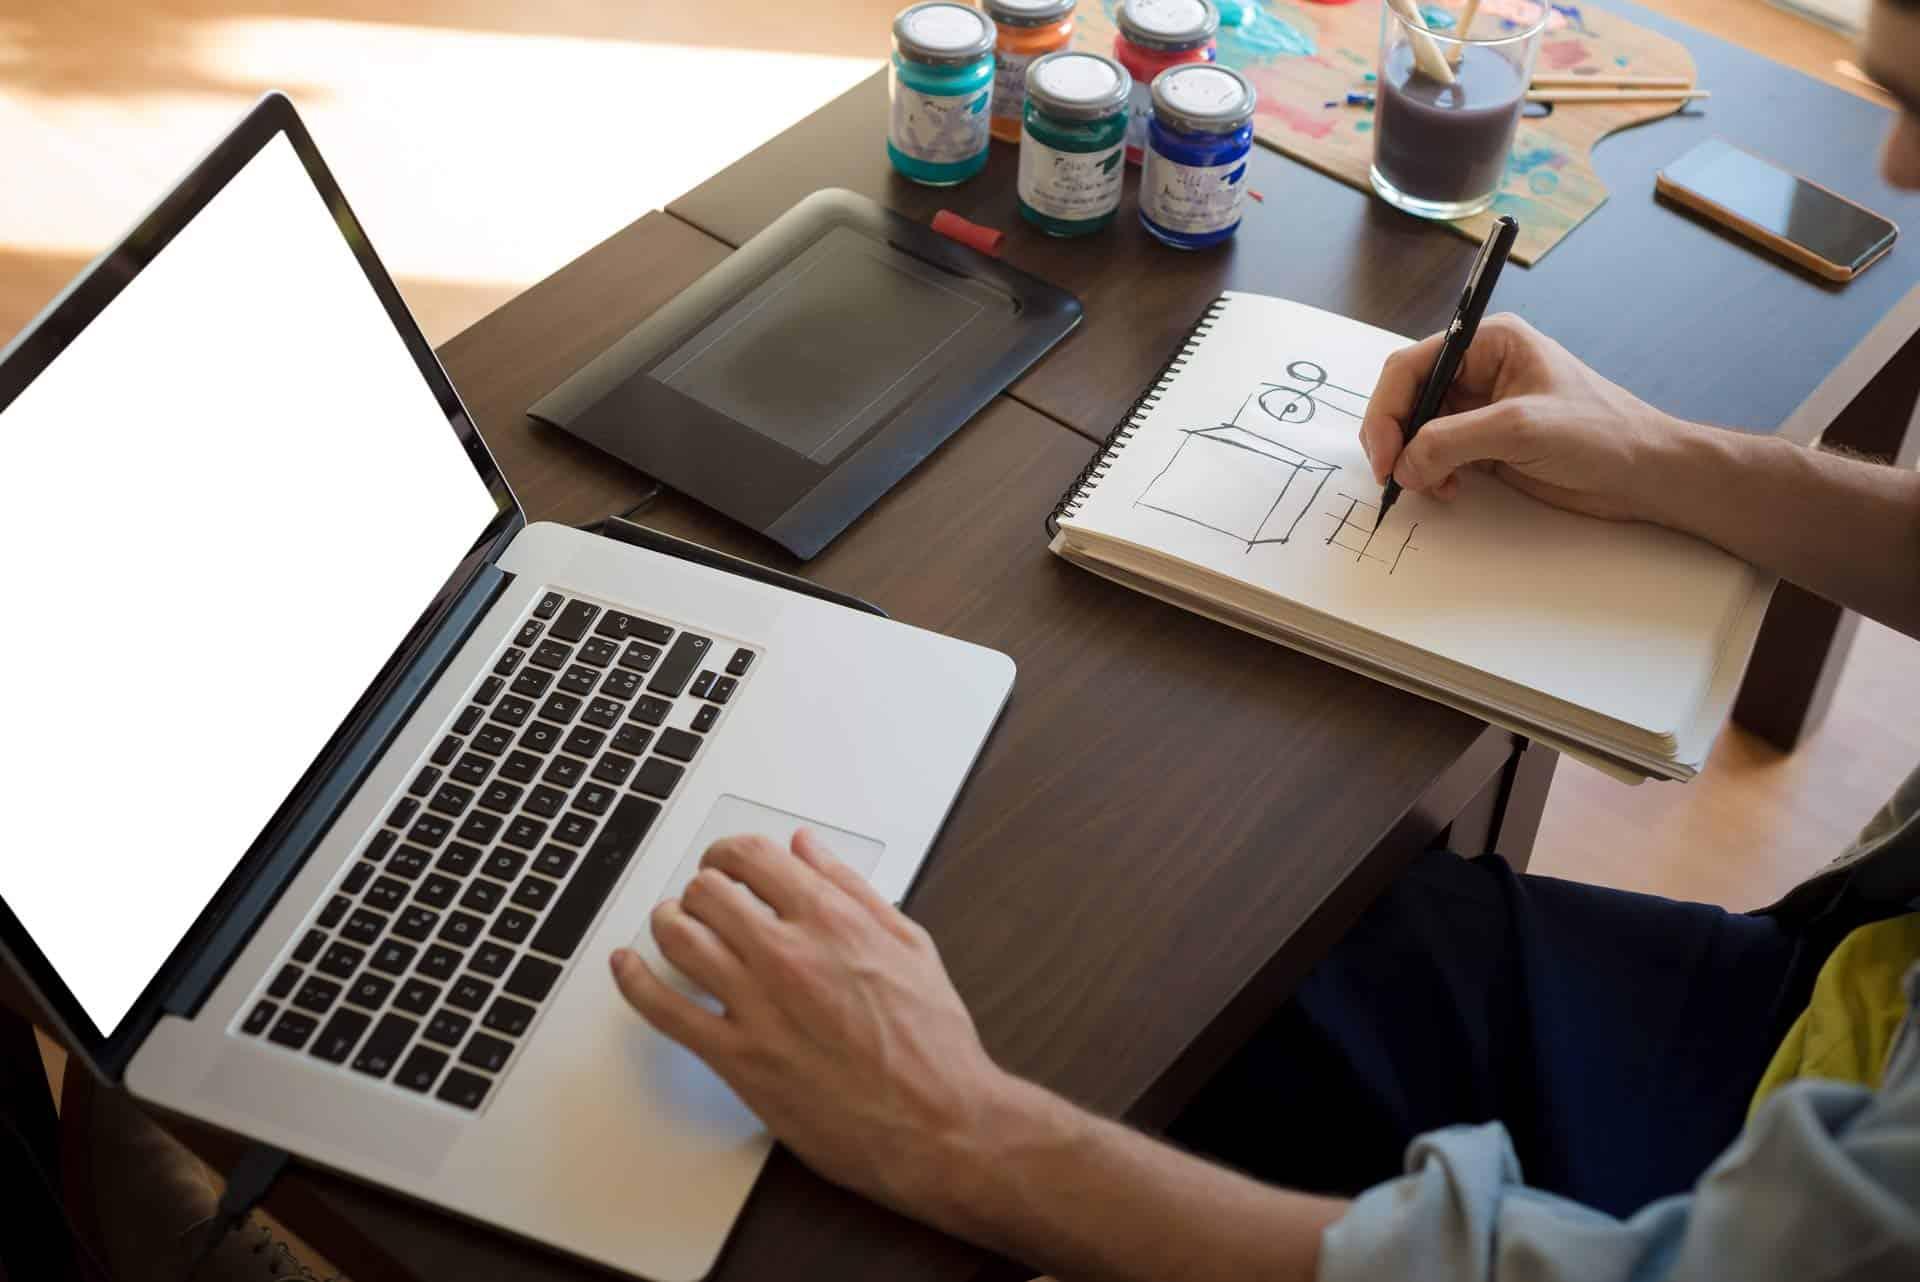 10+ Rekomendasi Laptop 7 Jutaan untuk Gaming & Multimedia Berbagai Merek Tahun 2021